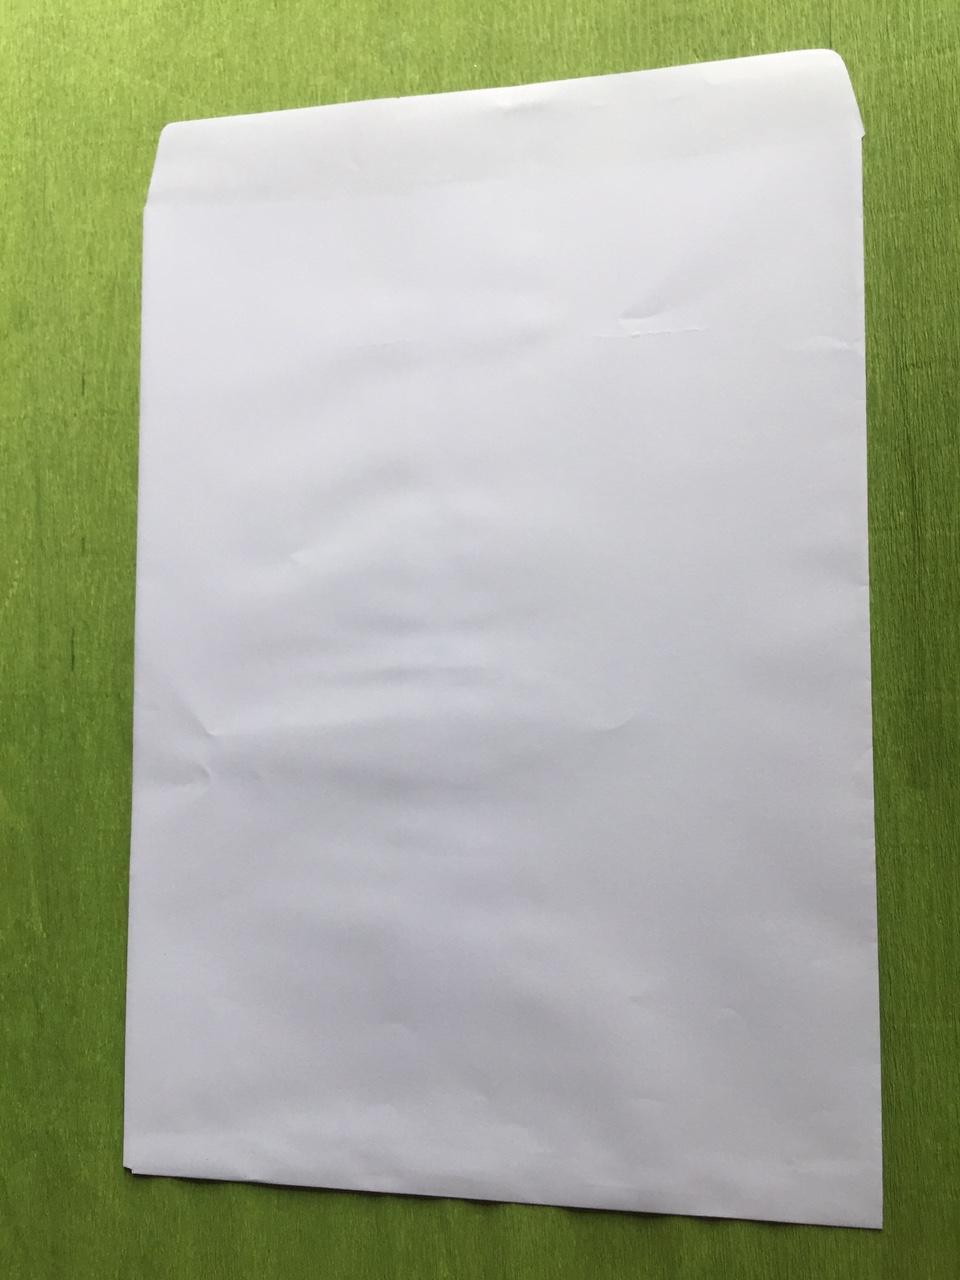 Mua Bộ 100 Bao thư A4 màu trắng